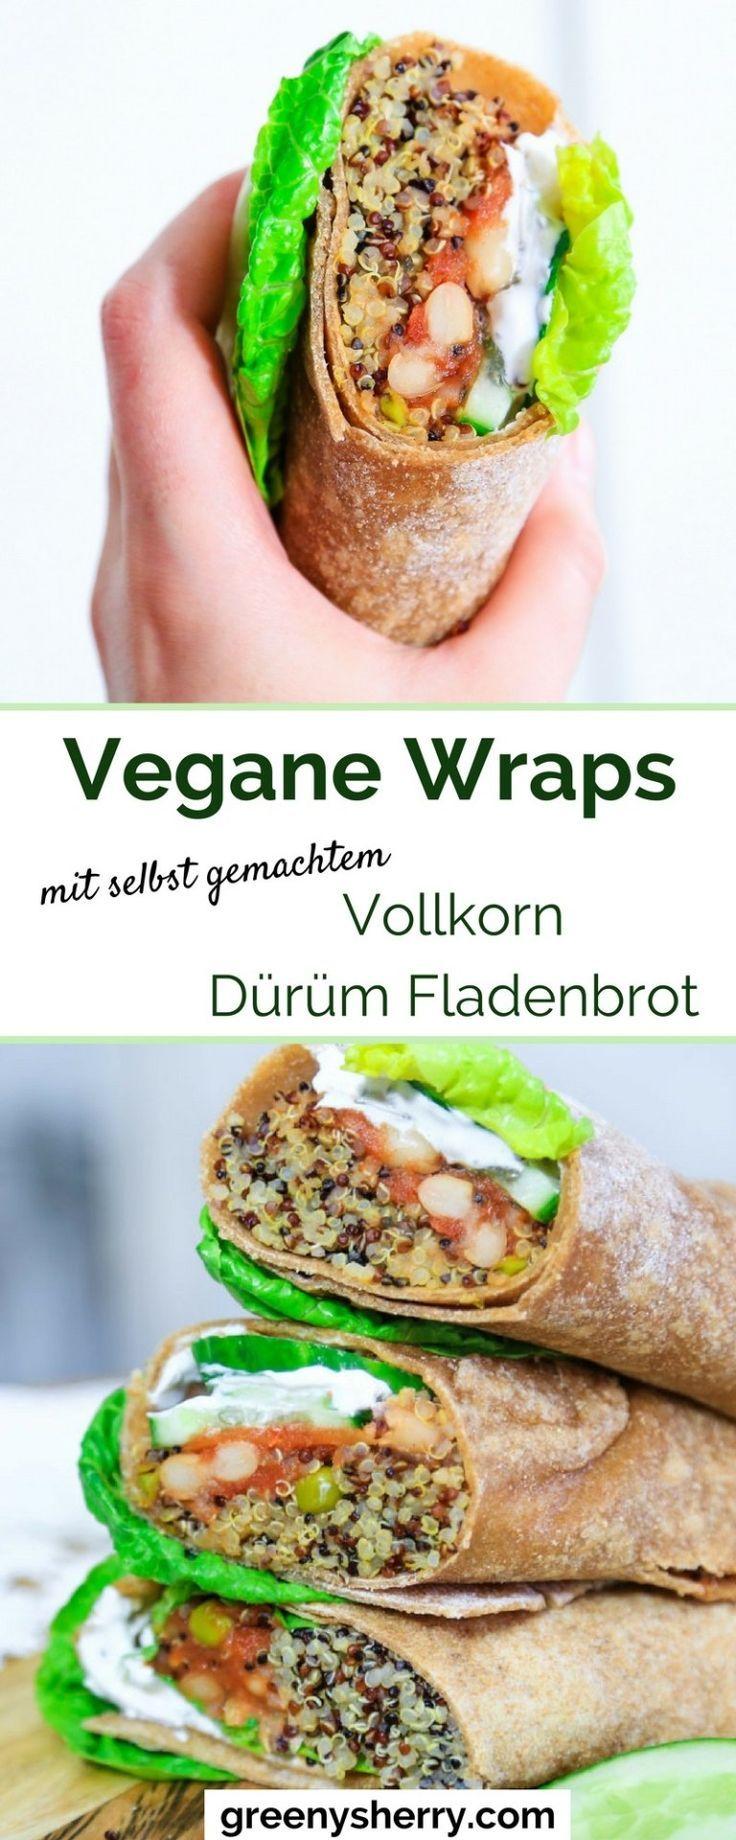 Vollkorn Dürüm-Fladenbrot für vegane Wraps #healthyfoodprep